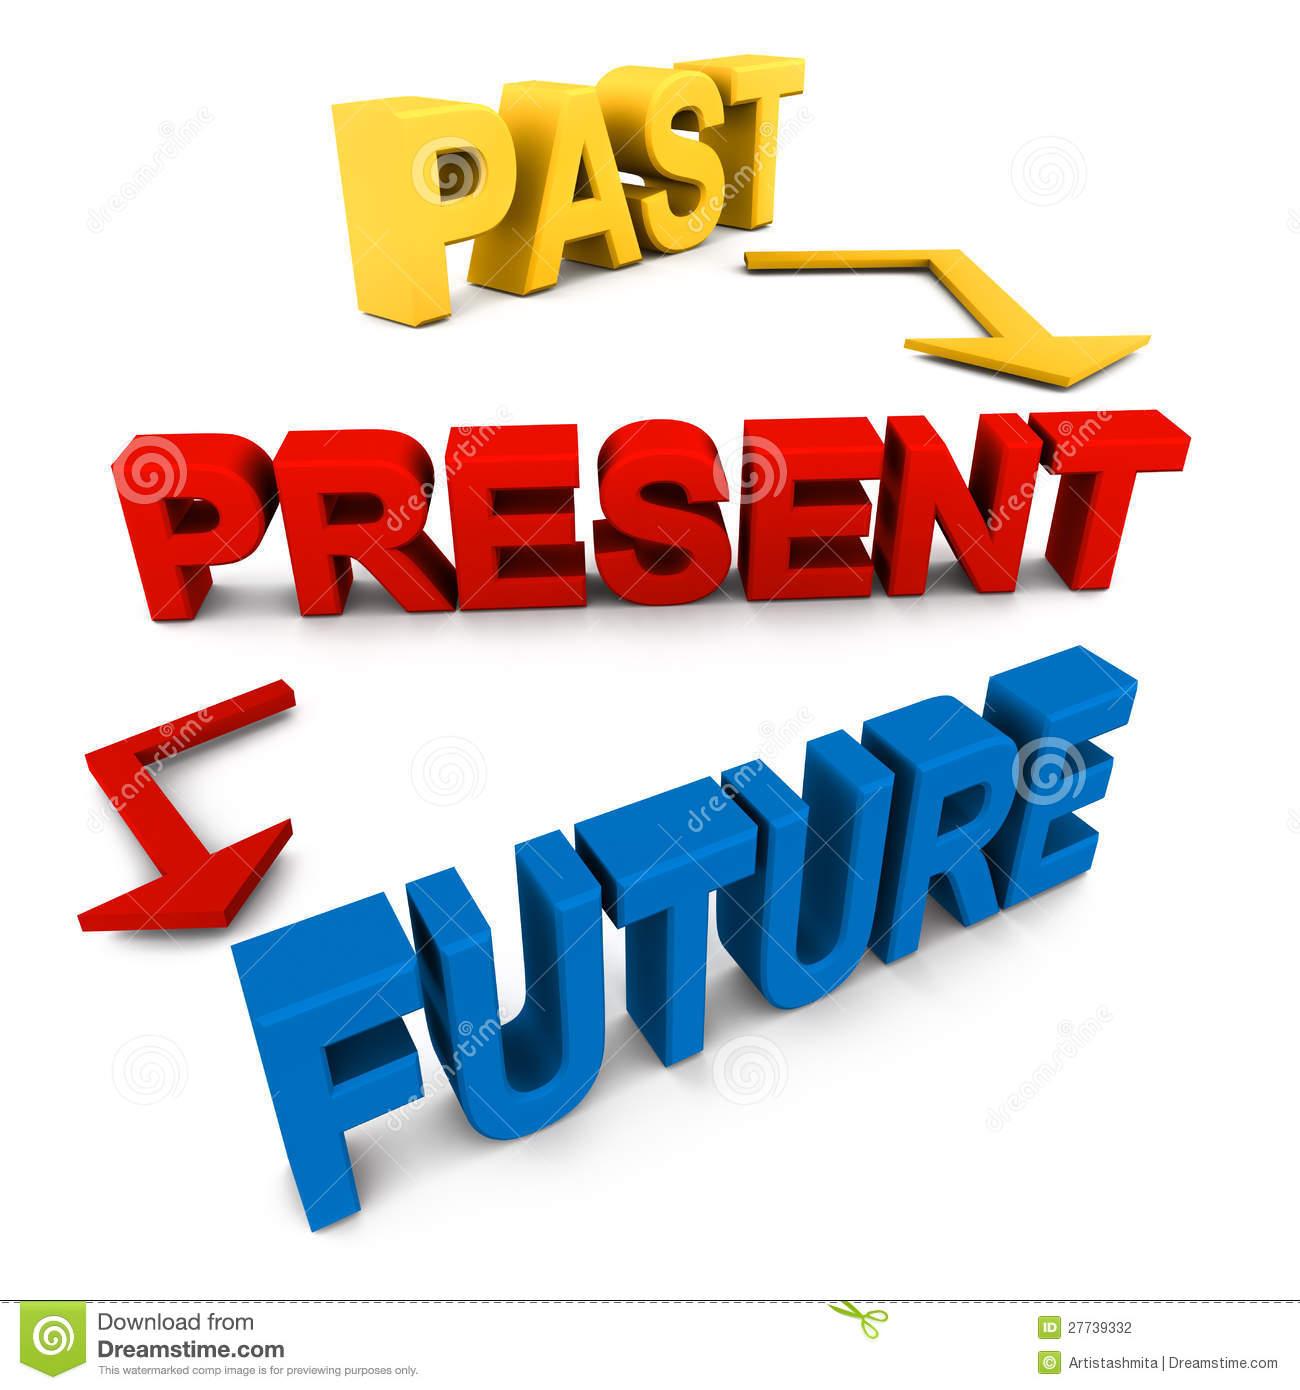 Future clipart past present future. Portal